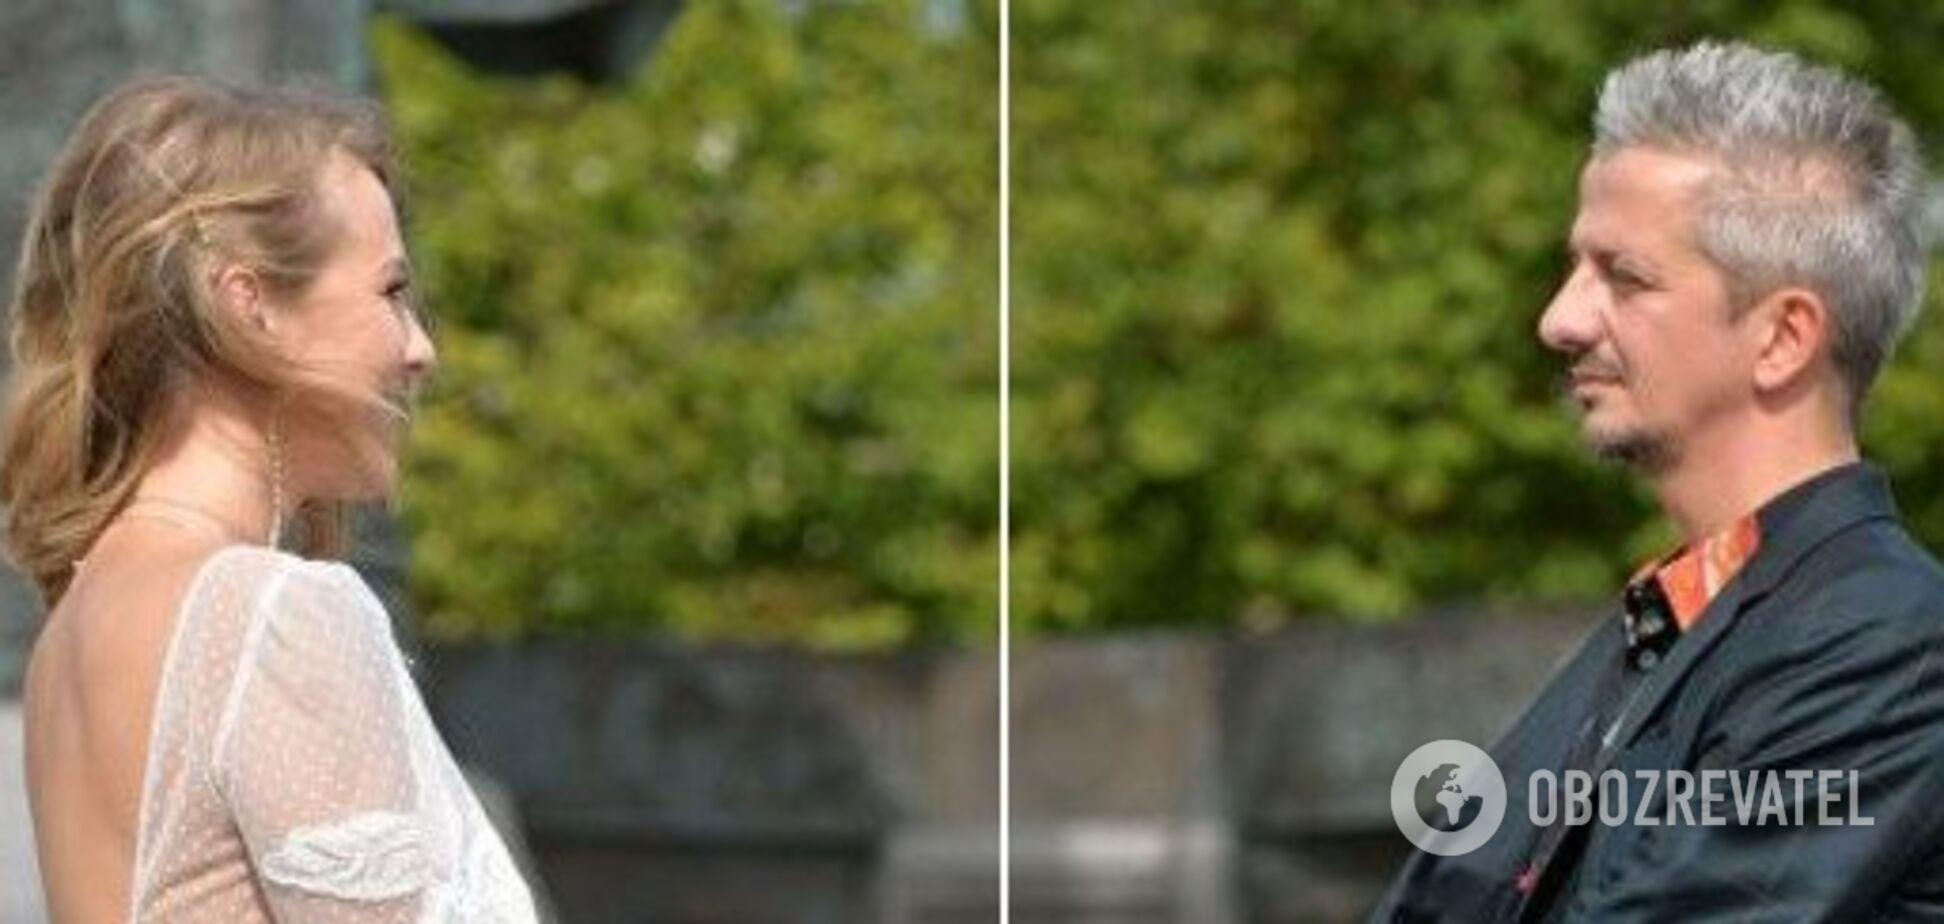 Свадьба Собчак с Богомоловым вызвала православный скандал в РФ: все подробности